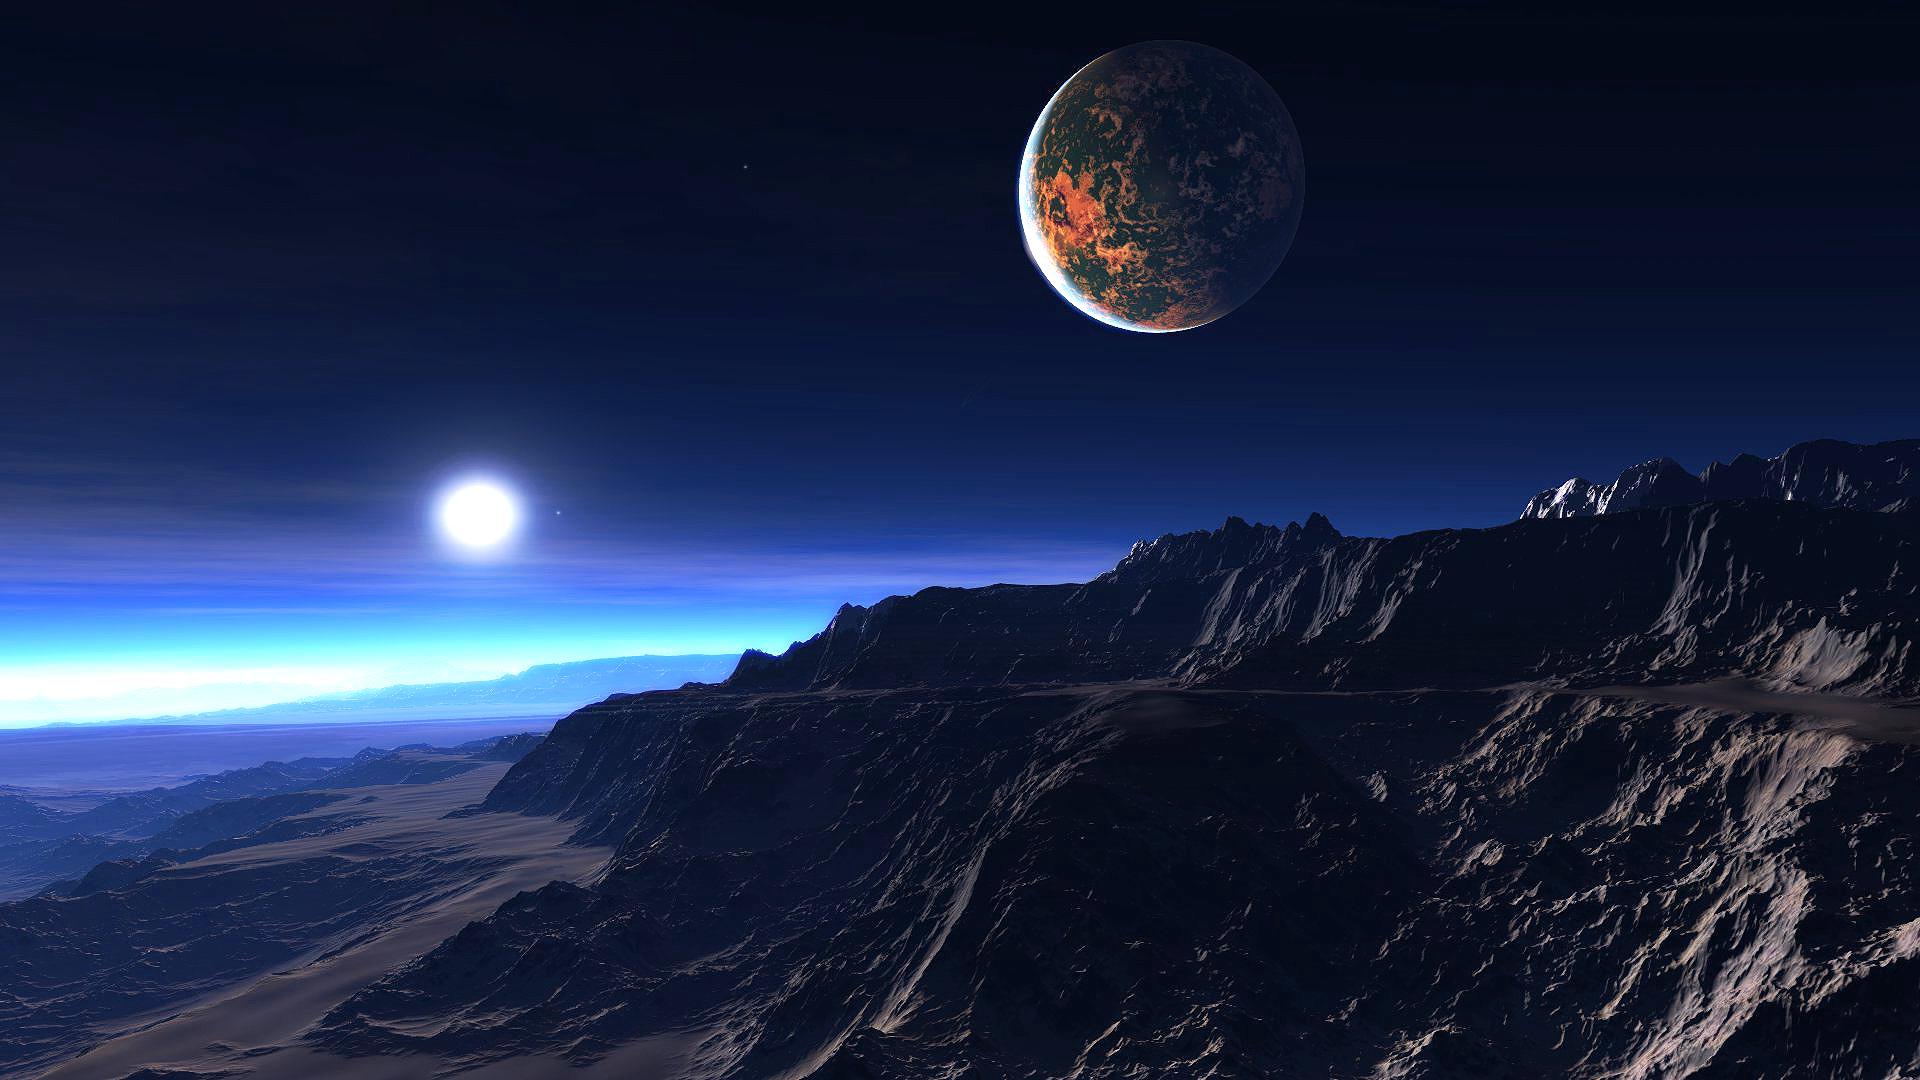 Экзопланета в атмосфере, обои на хонор космос, 1920 на 1080 пикселей